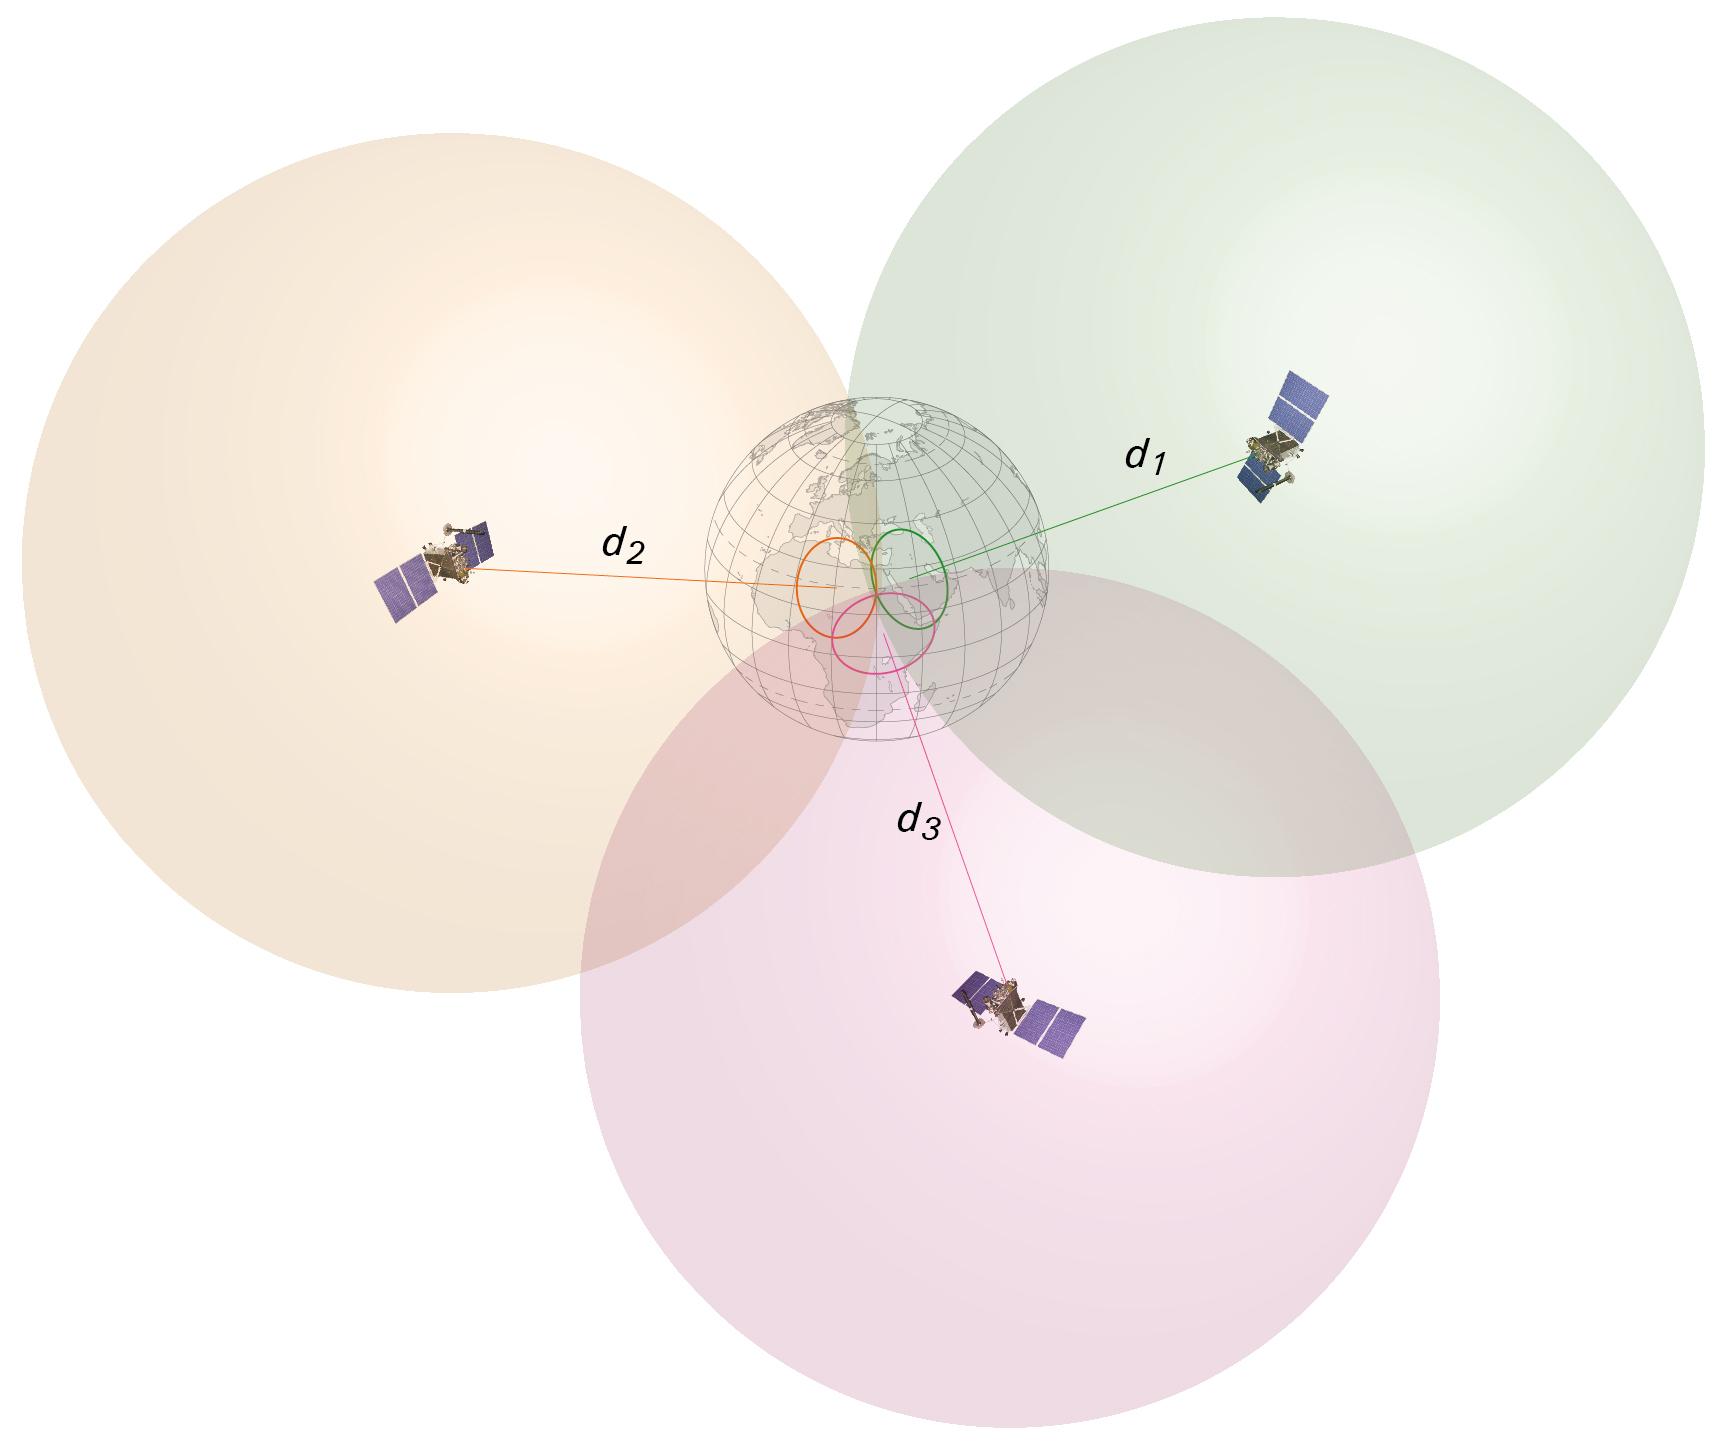 műholdas helymeghatározás elve